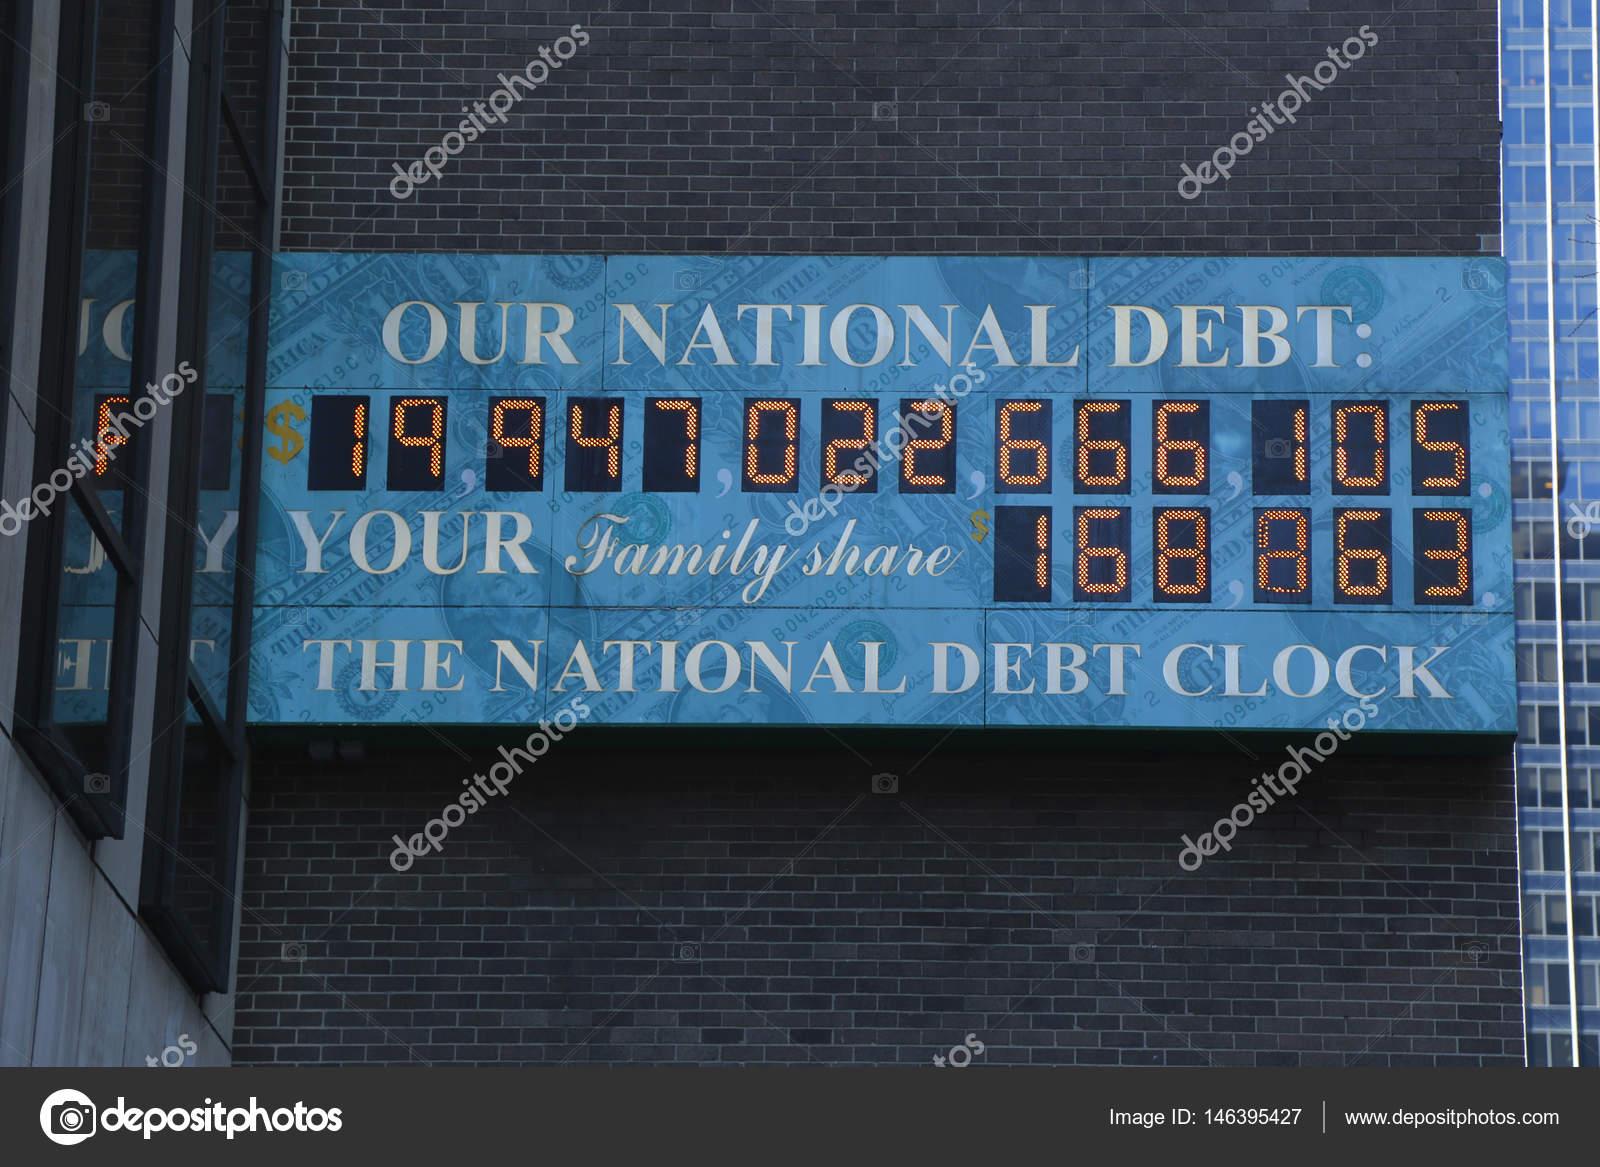 Nacional Del La Manhattan De Vista Reloj Midtown Foto Deuda En — 8OPwkn0